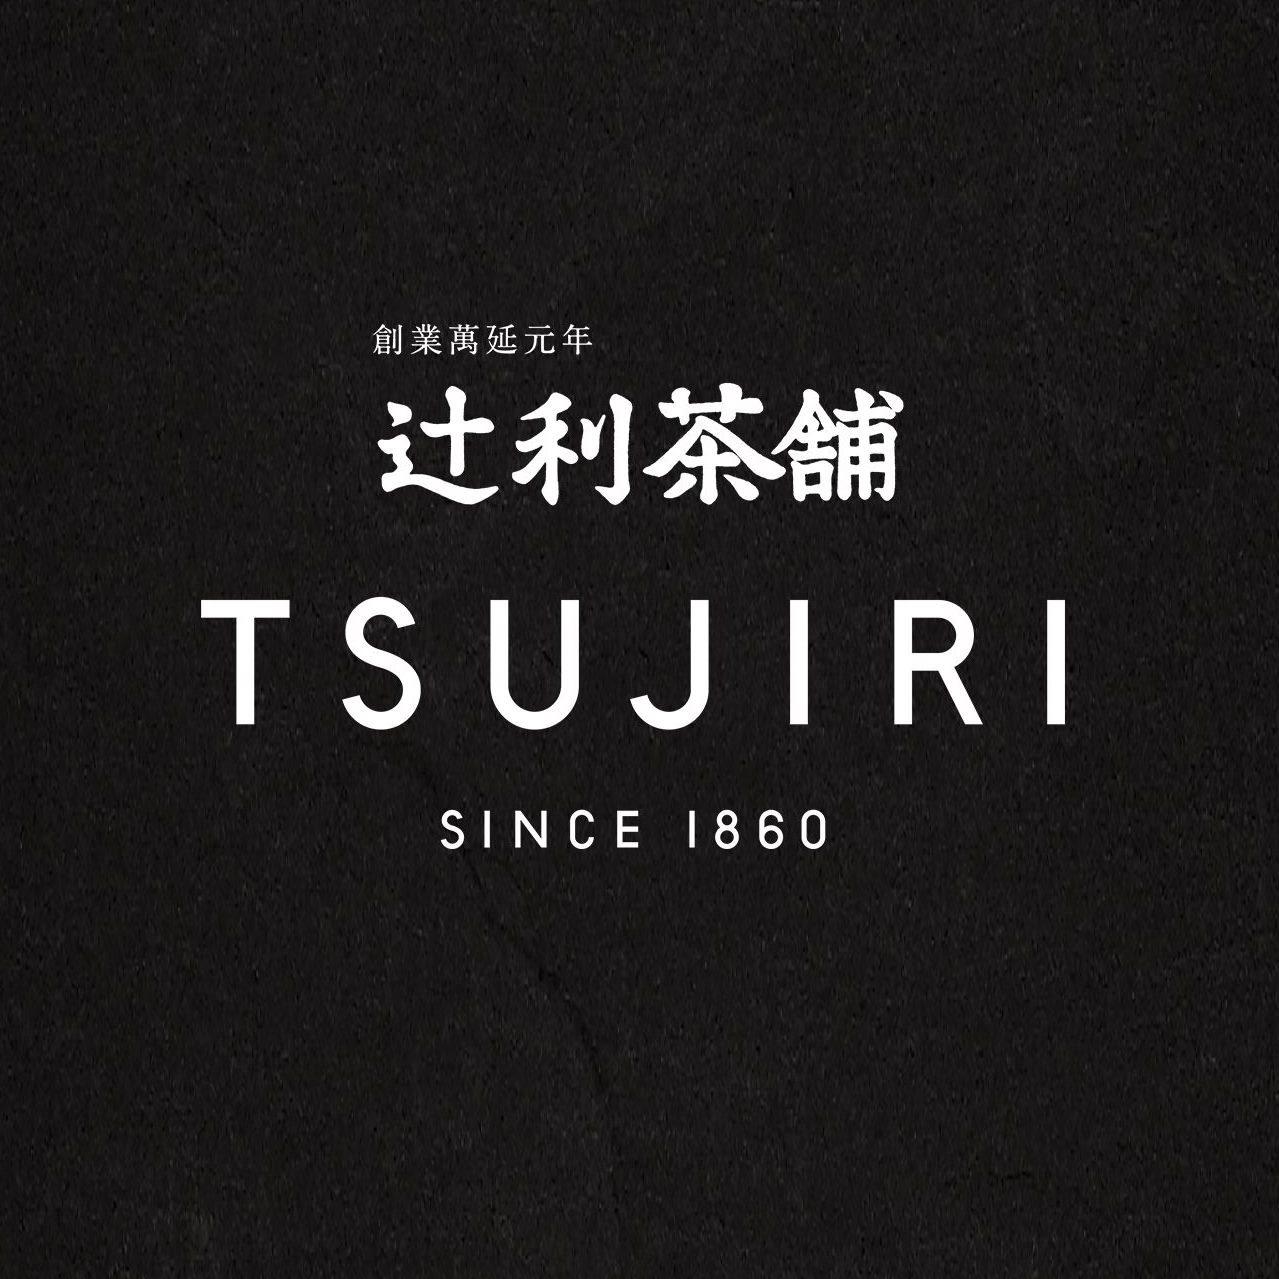 Tsujiri - Edmonton Logo